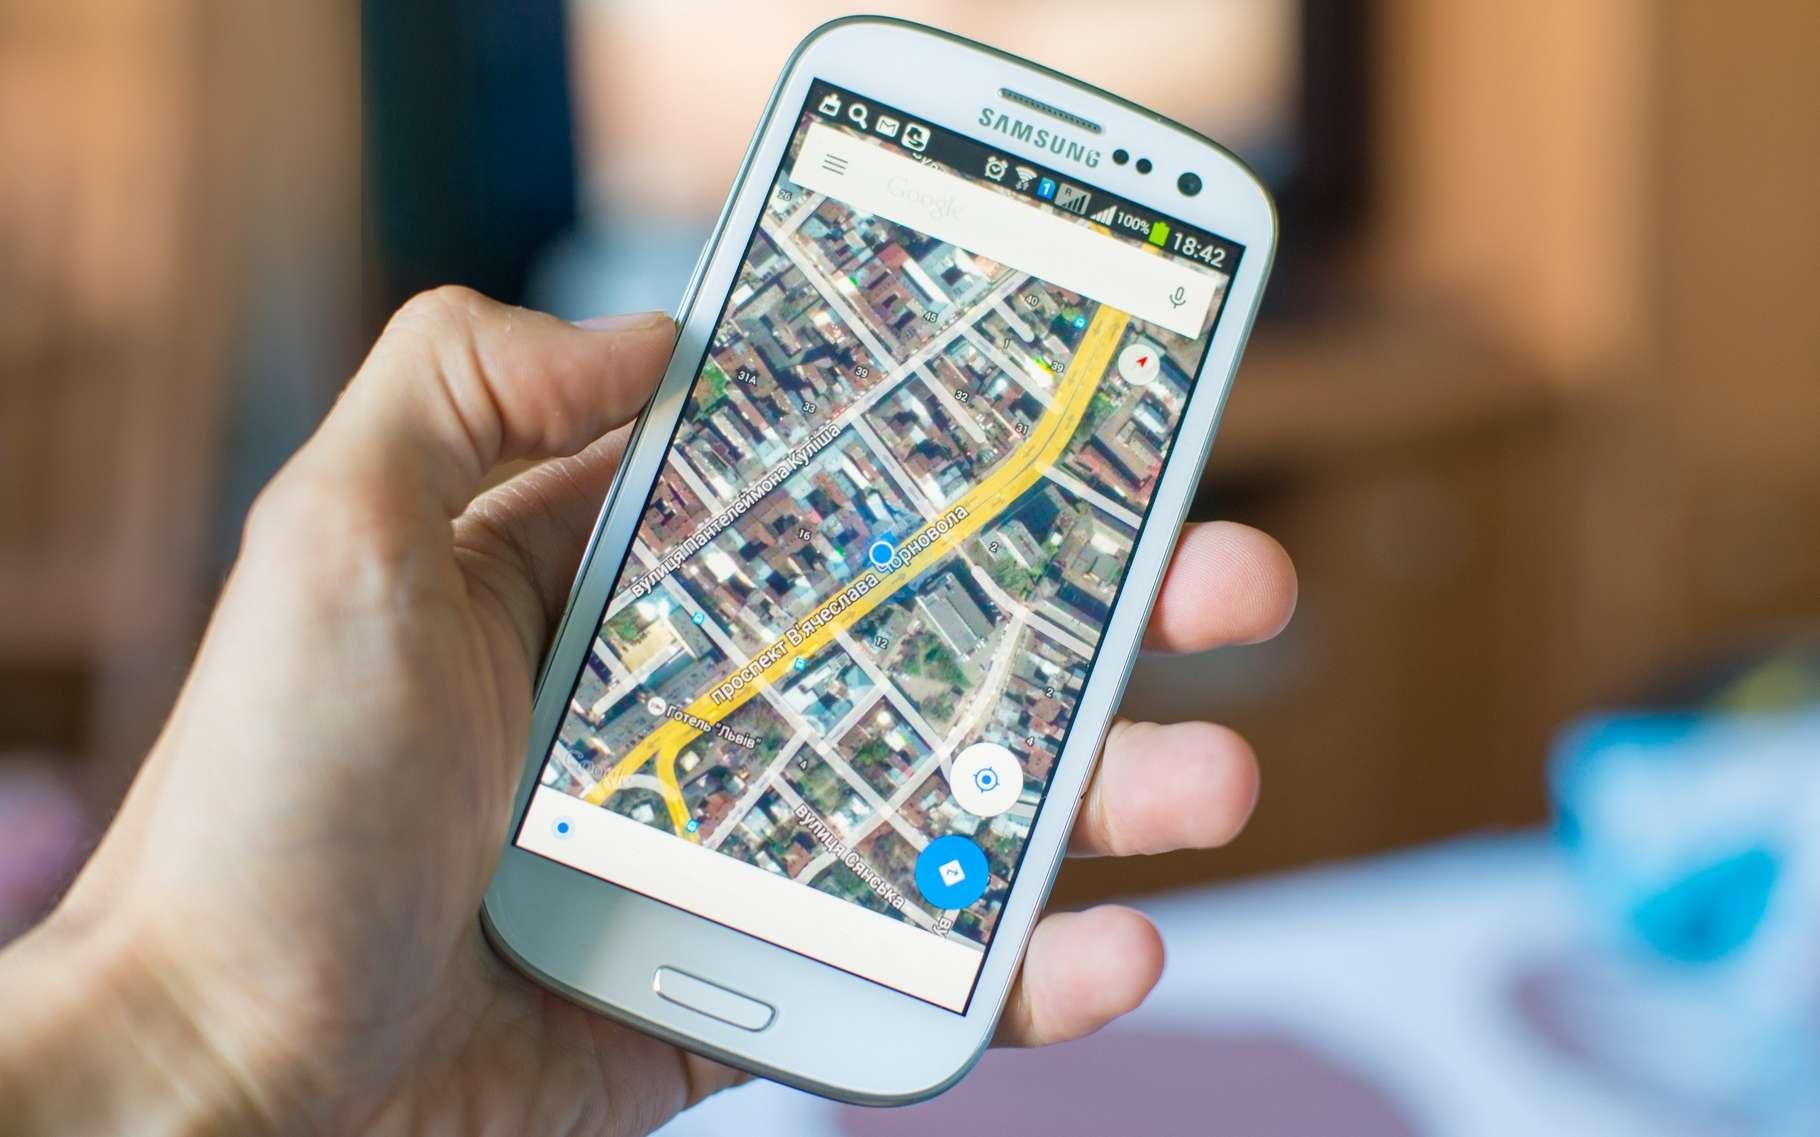 Avant de vous lancer dans le téléchargement de cartes Google Maps, assurez-vous de disposer de suffisamment d'espace car les fichiers sont volumineux. © Roman Pyshchyk, Shutterstock